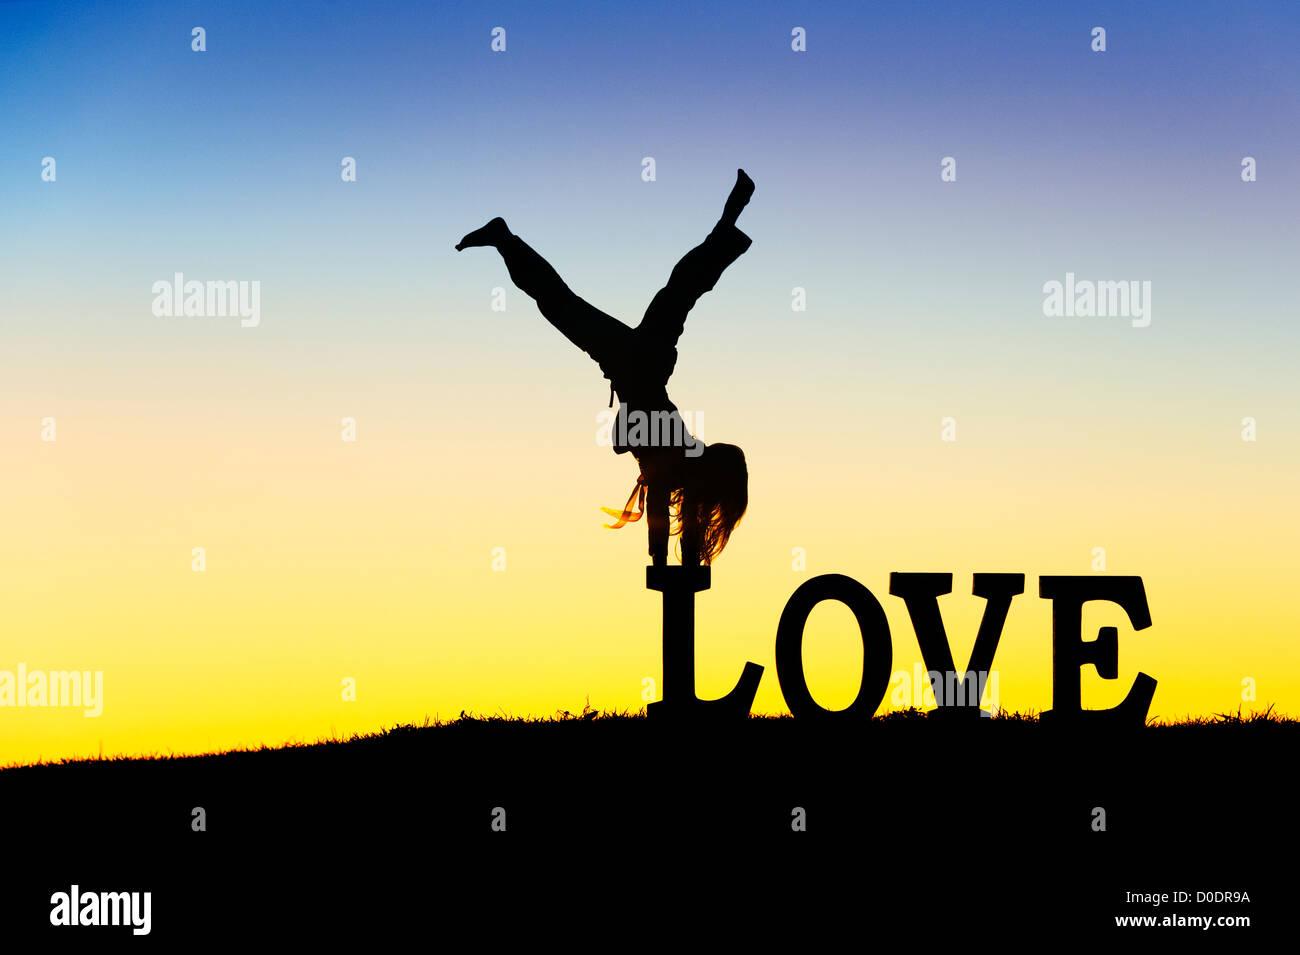 Junges Mädchen macht einen Handstand auf Liebesbriefe. Silhouette. Montage von zwei Bildern für das Konzept Stockbild